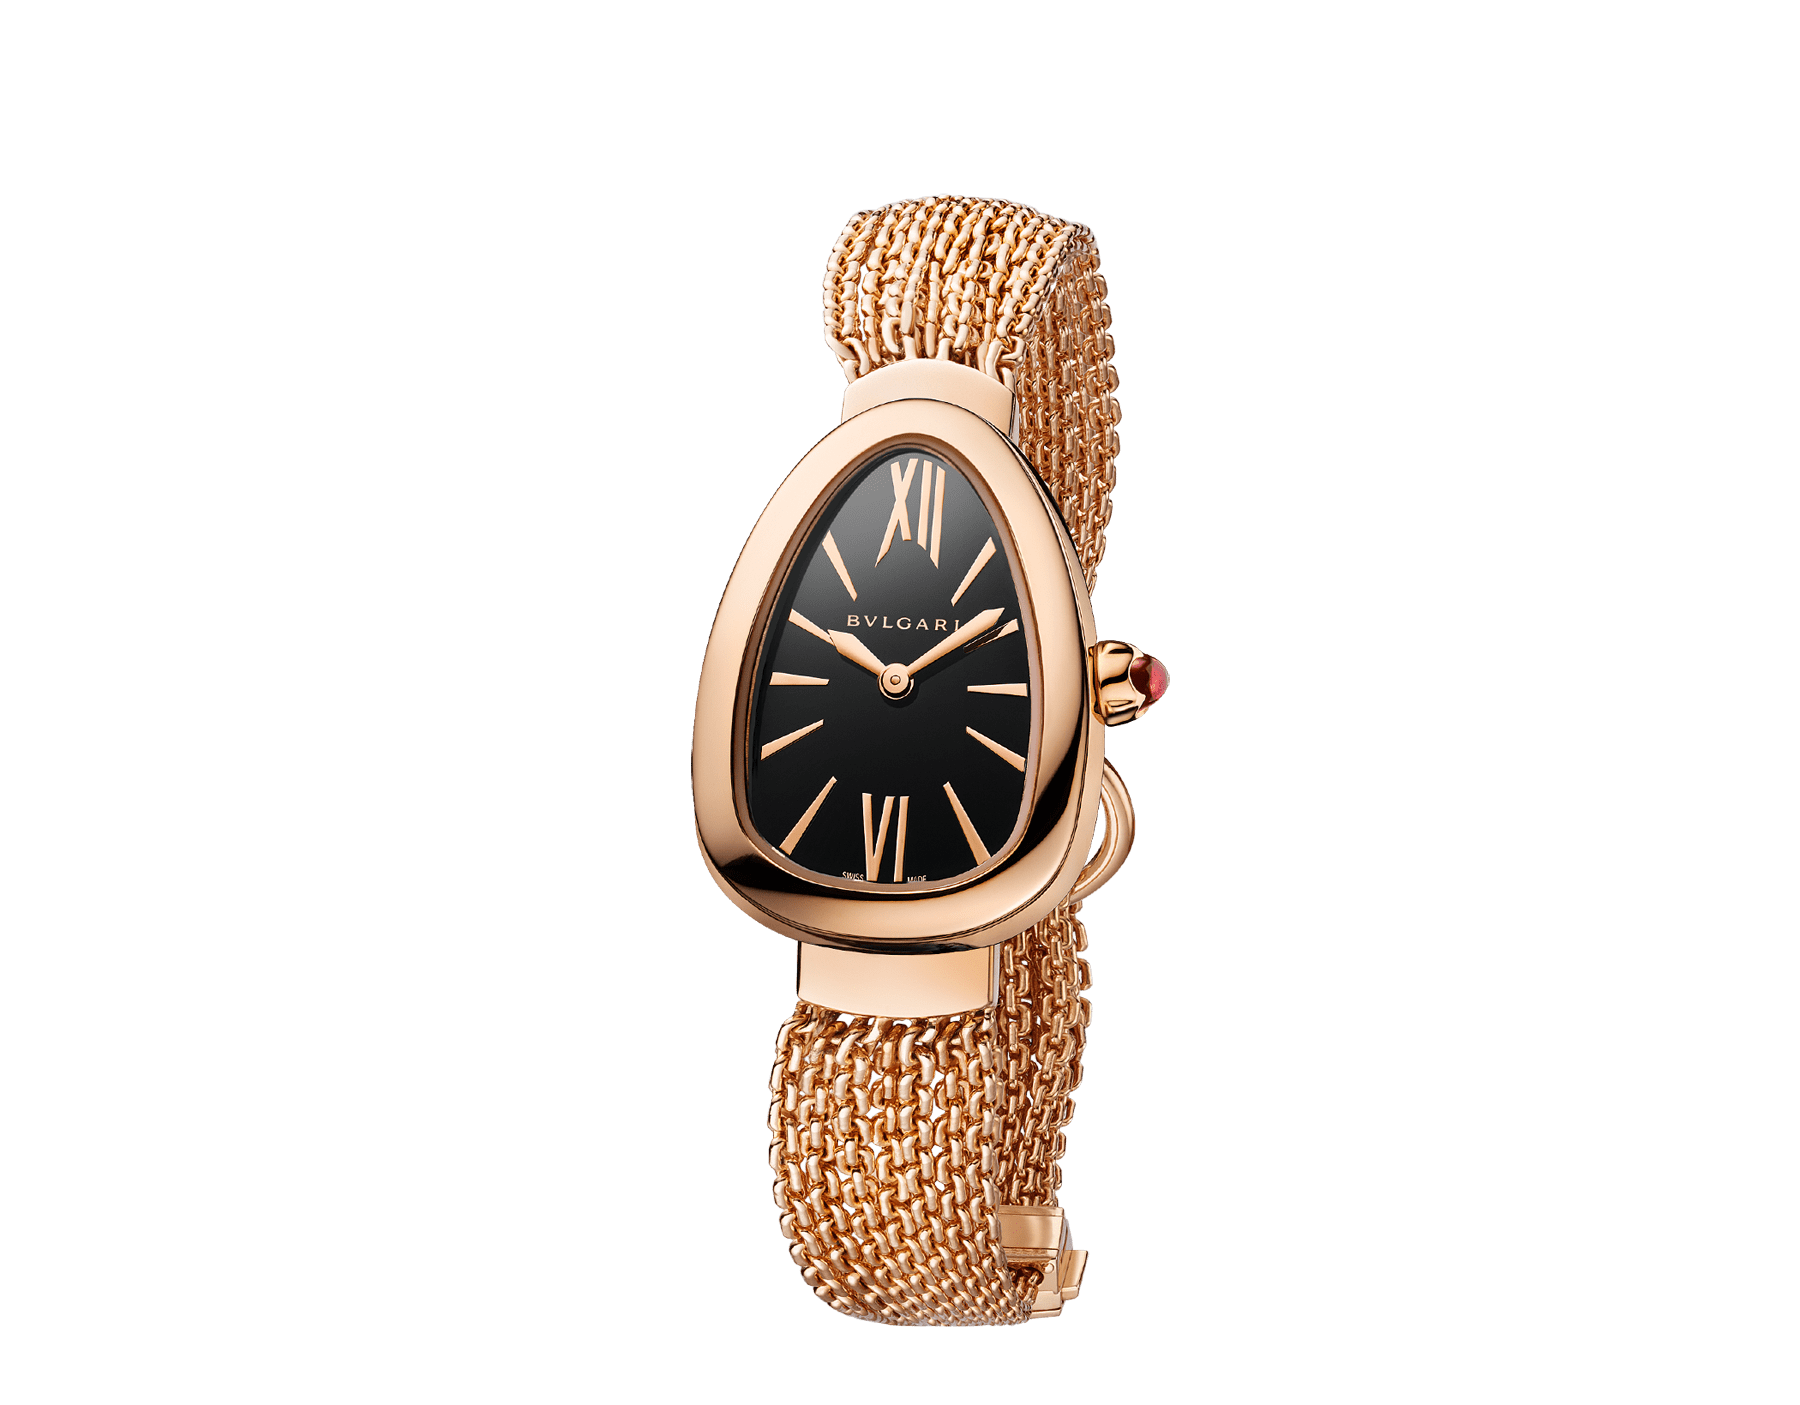 Serpenti Uhr mit Gehäuse und austauschbarem Kettenarmband aus 18Karat Roségold mit schwarz lackiertem Zifferblatt 102728 image 2